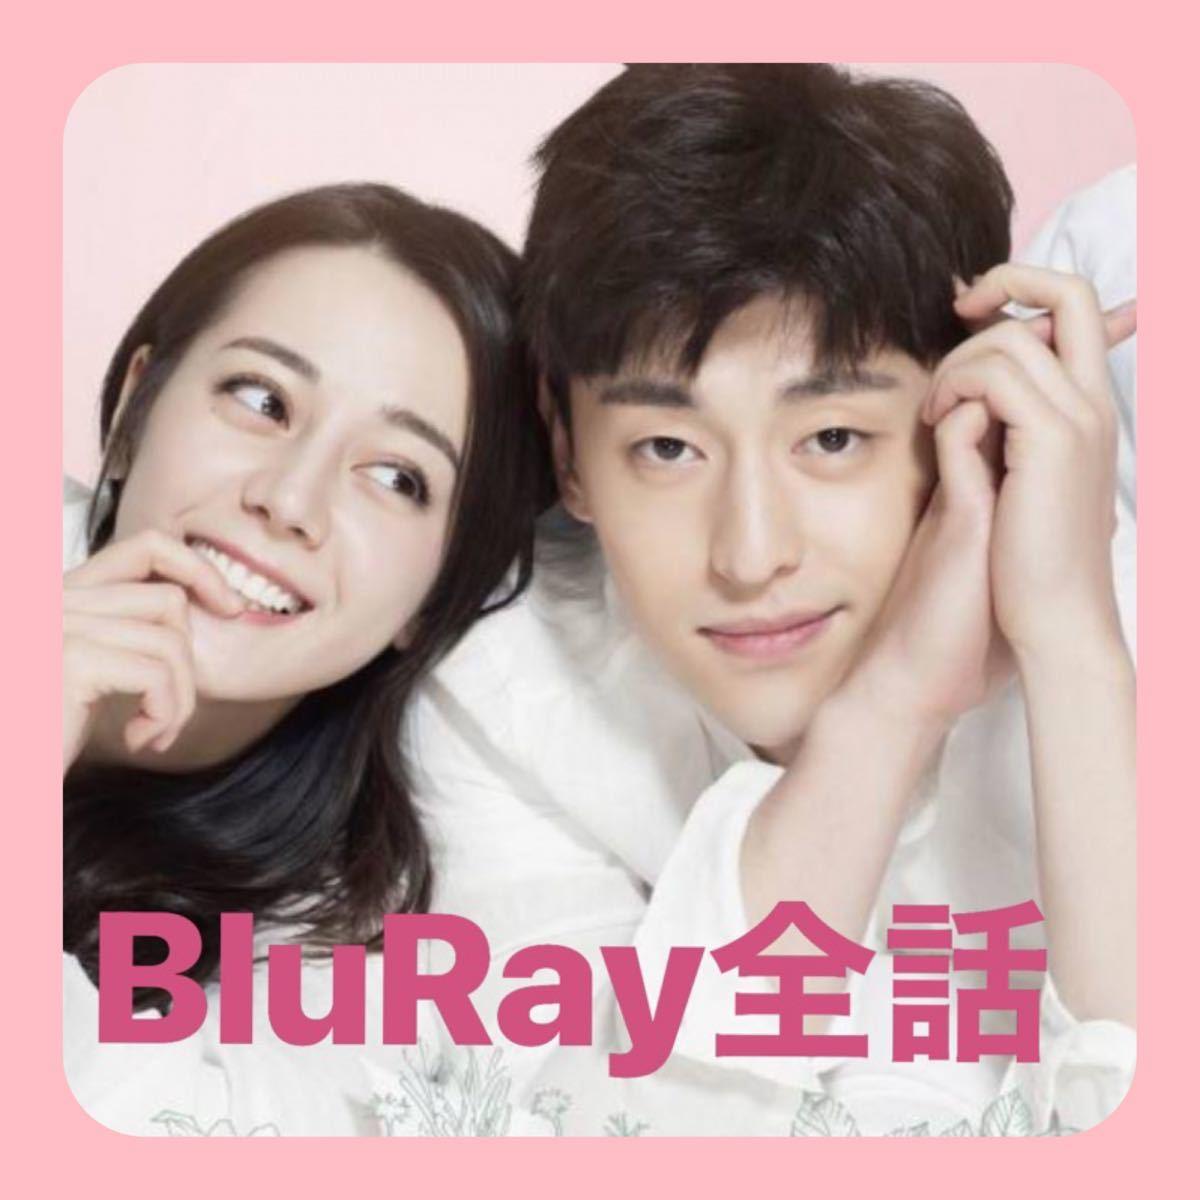 中国ドラマ  スウィート・ドリームズ  BluRay 全話